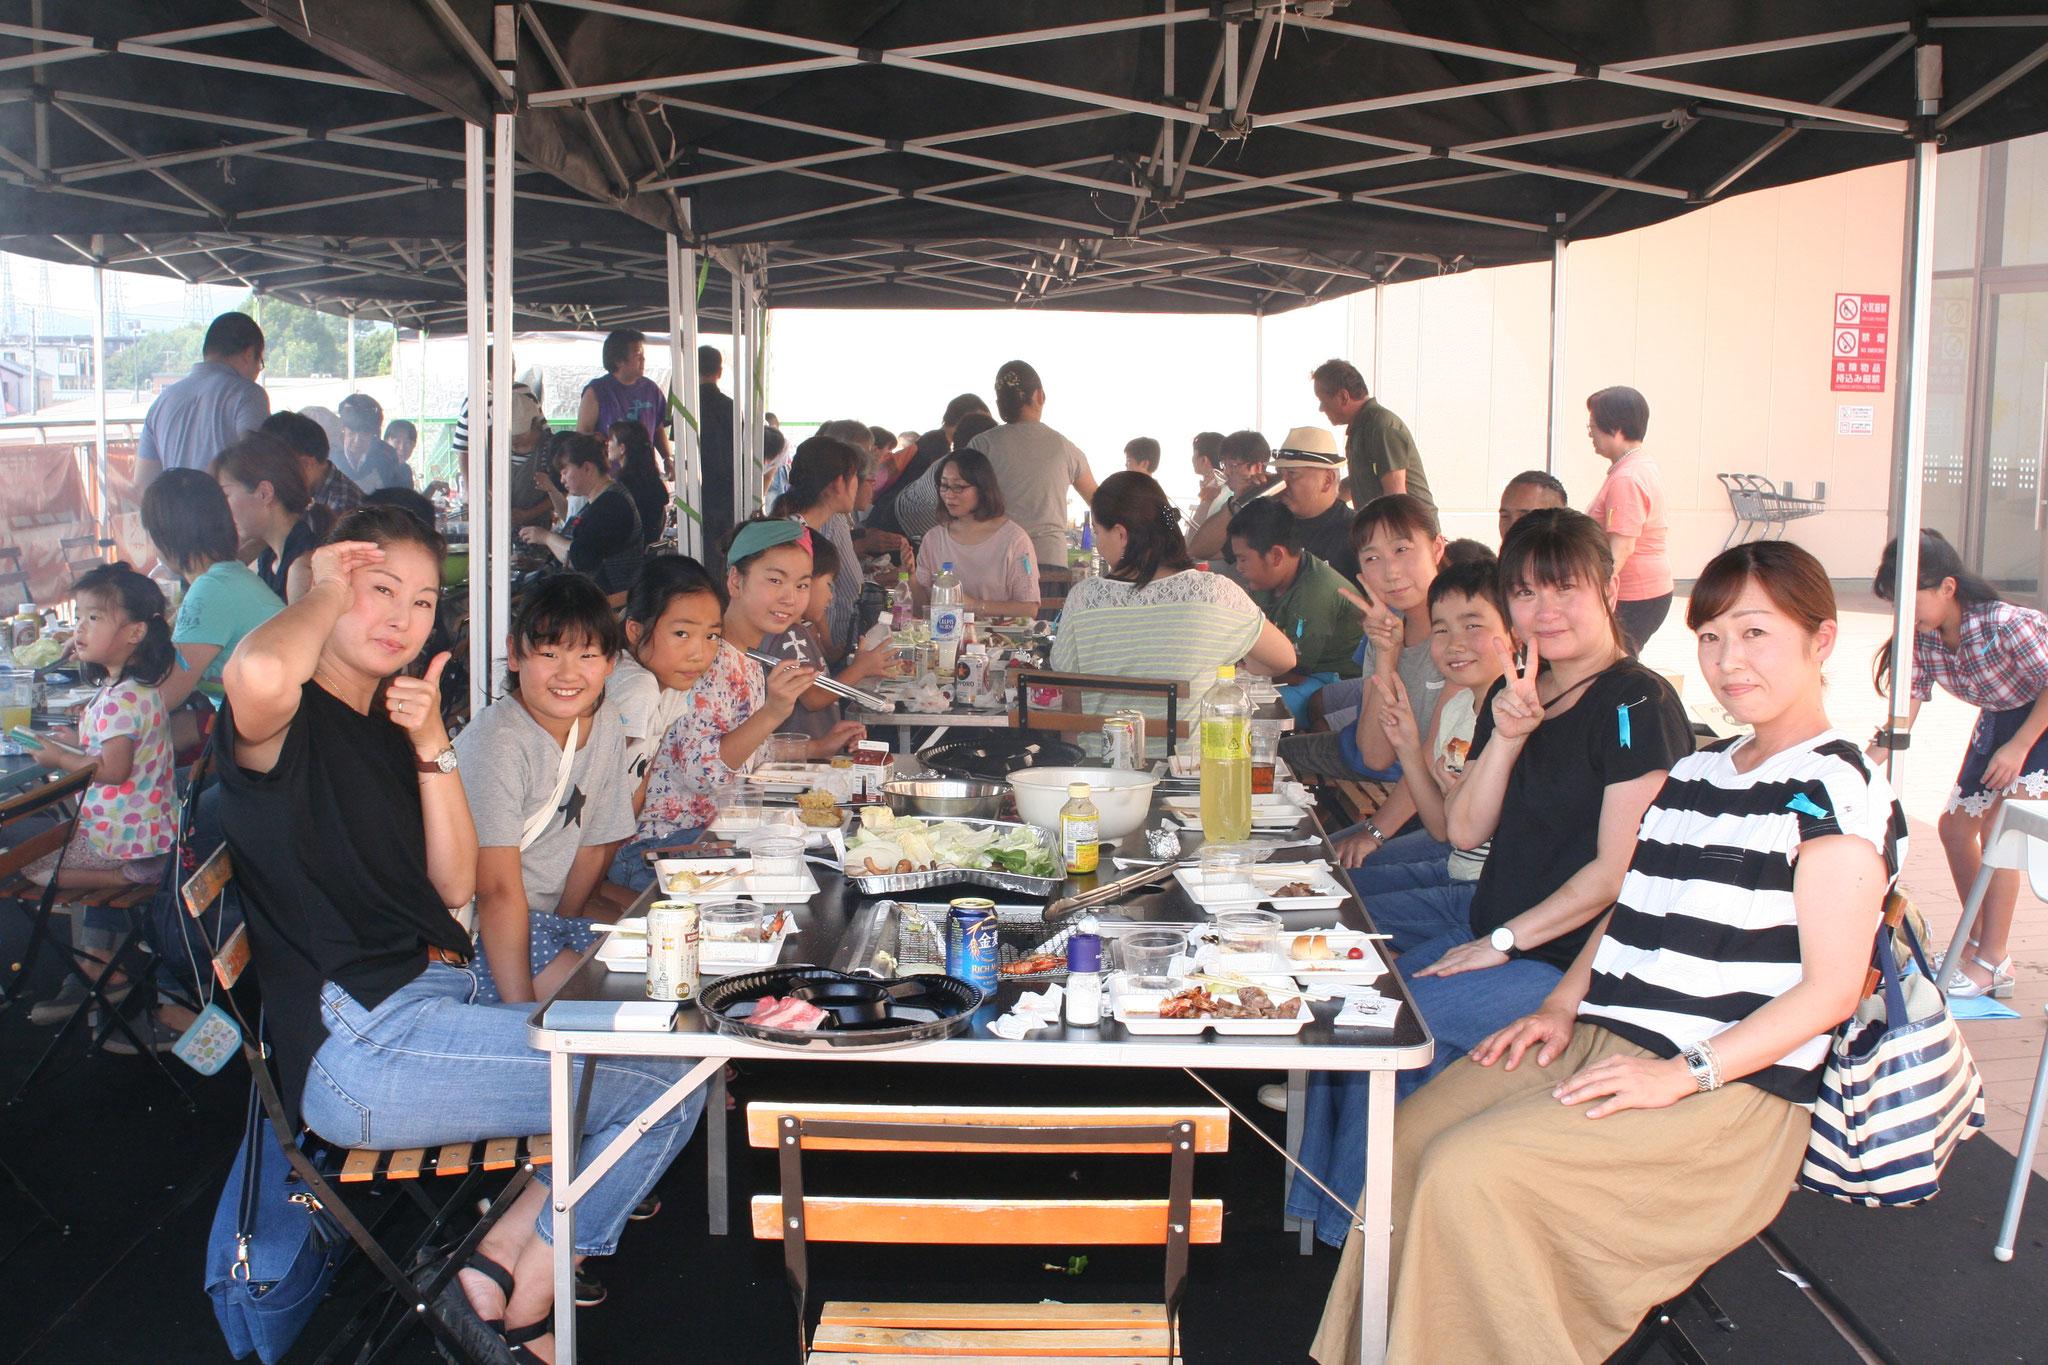 アリオ橋本では晴天に恵まれました